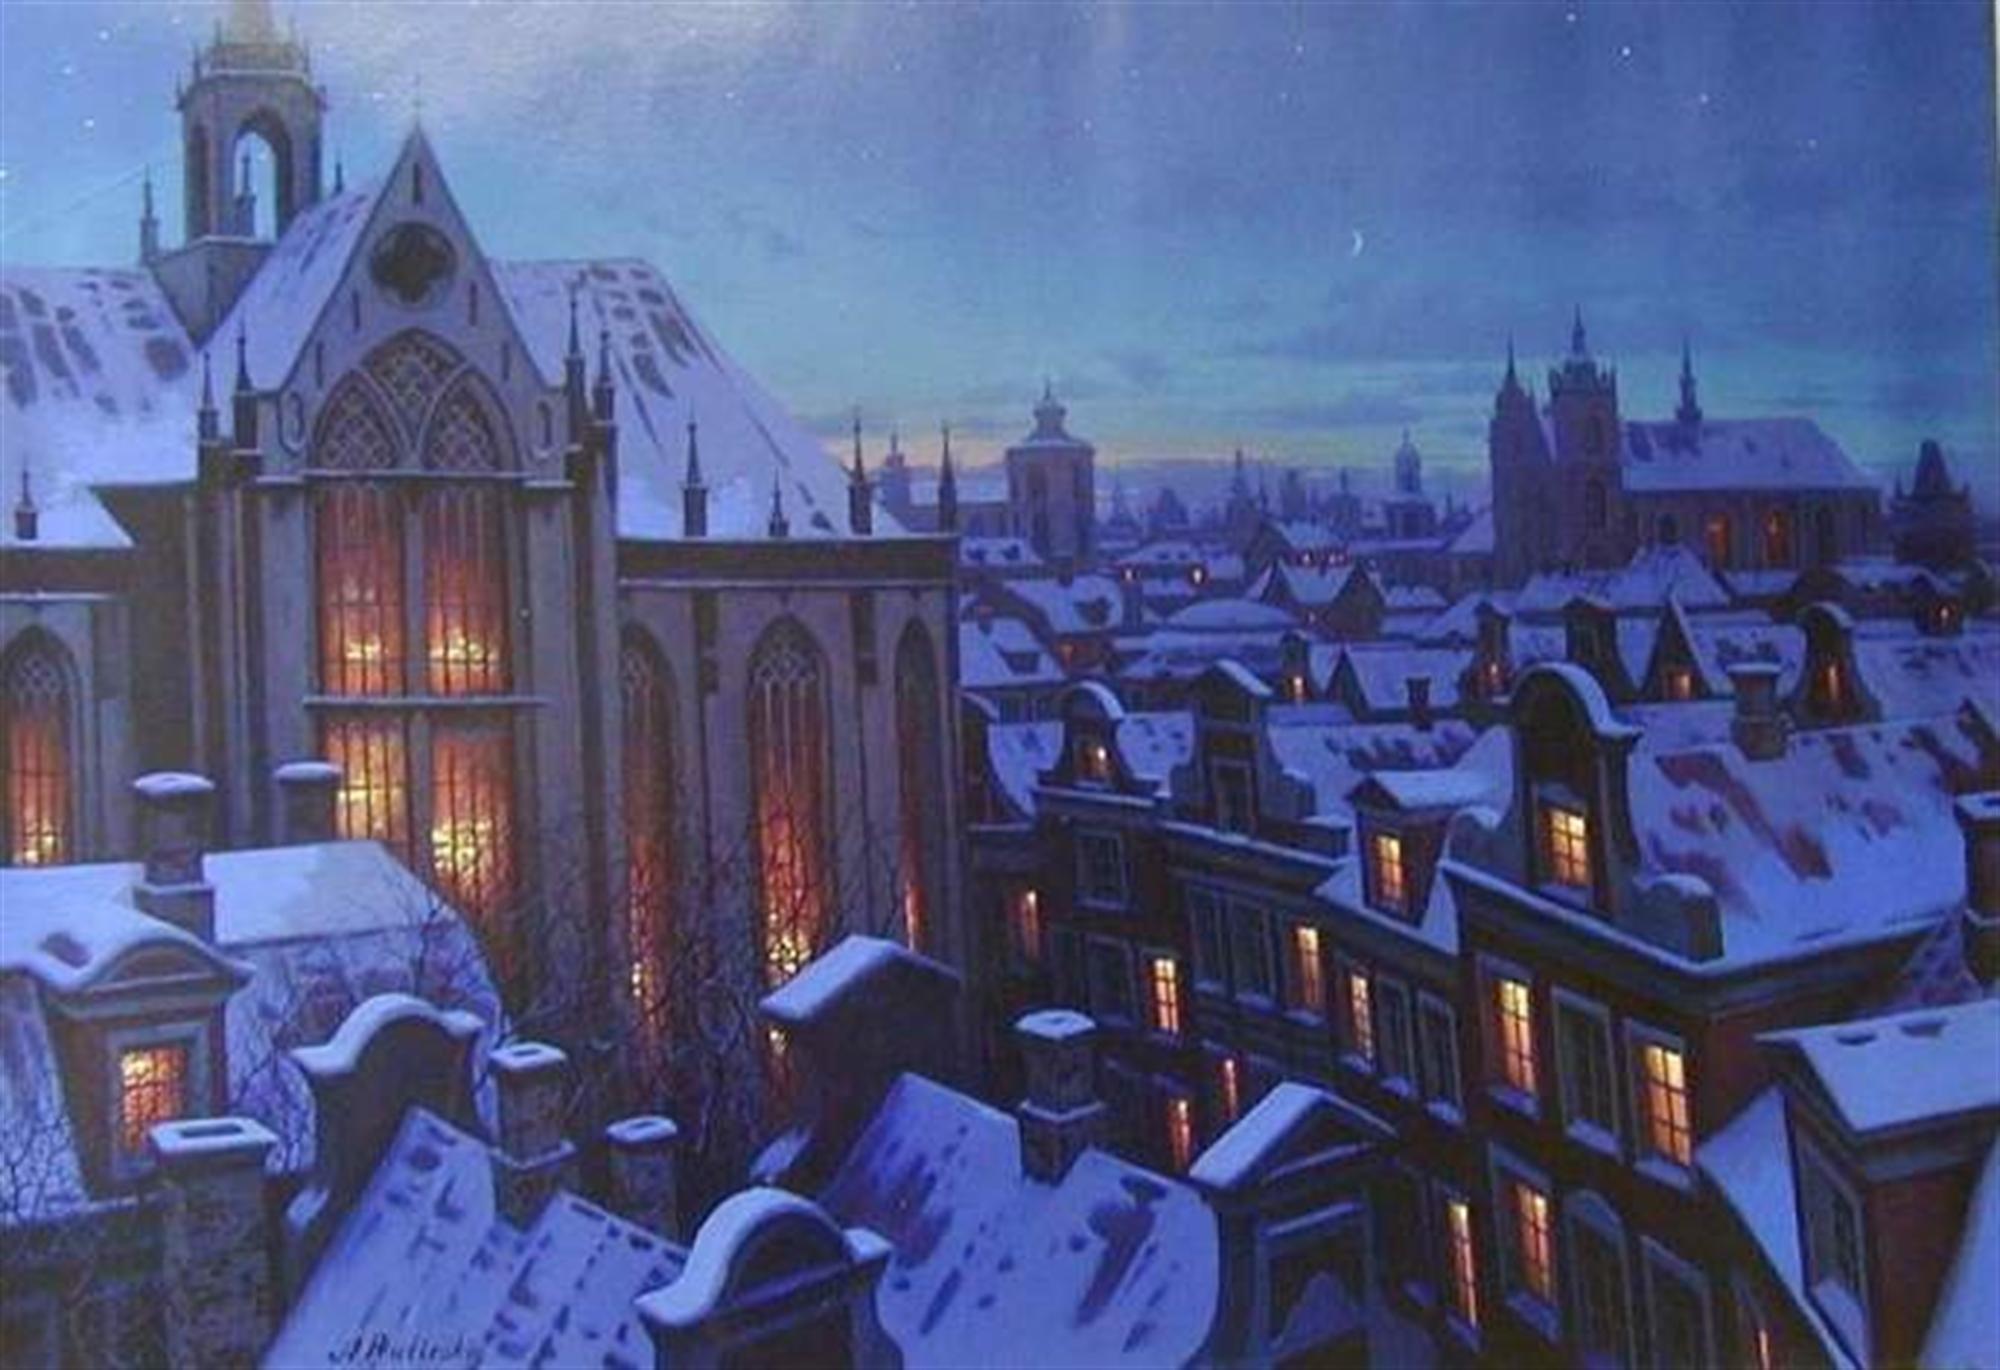 Winter Wonderland by Alexei Butirskiy